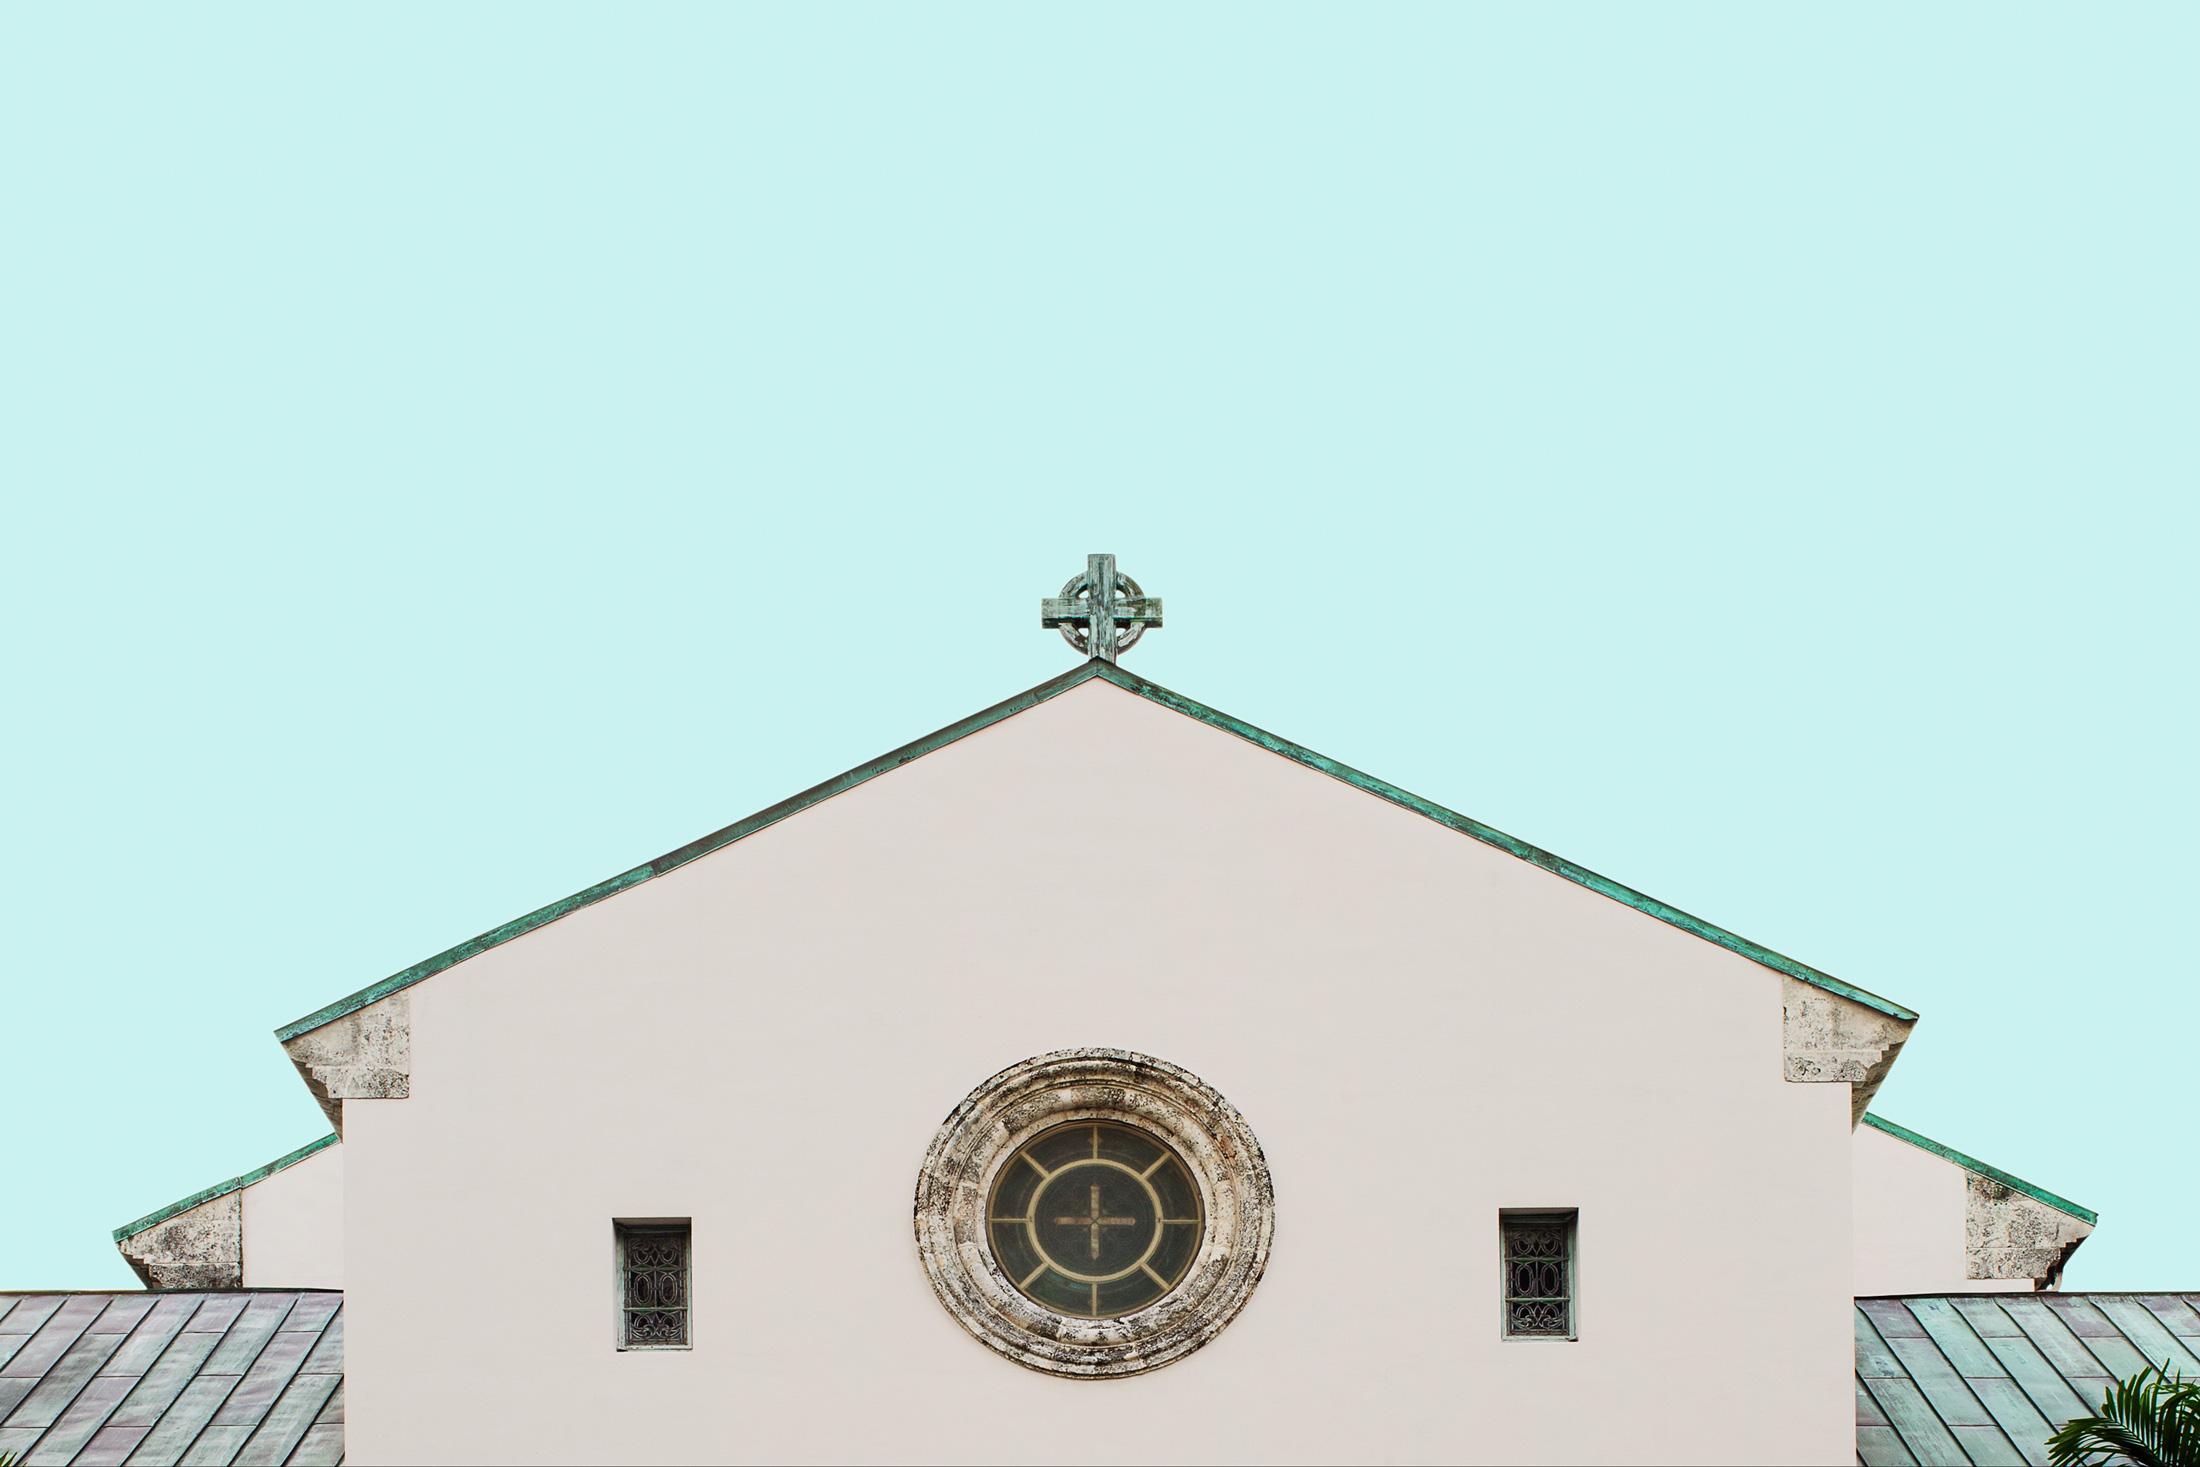 architecture église fenêtres symétrie ciel